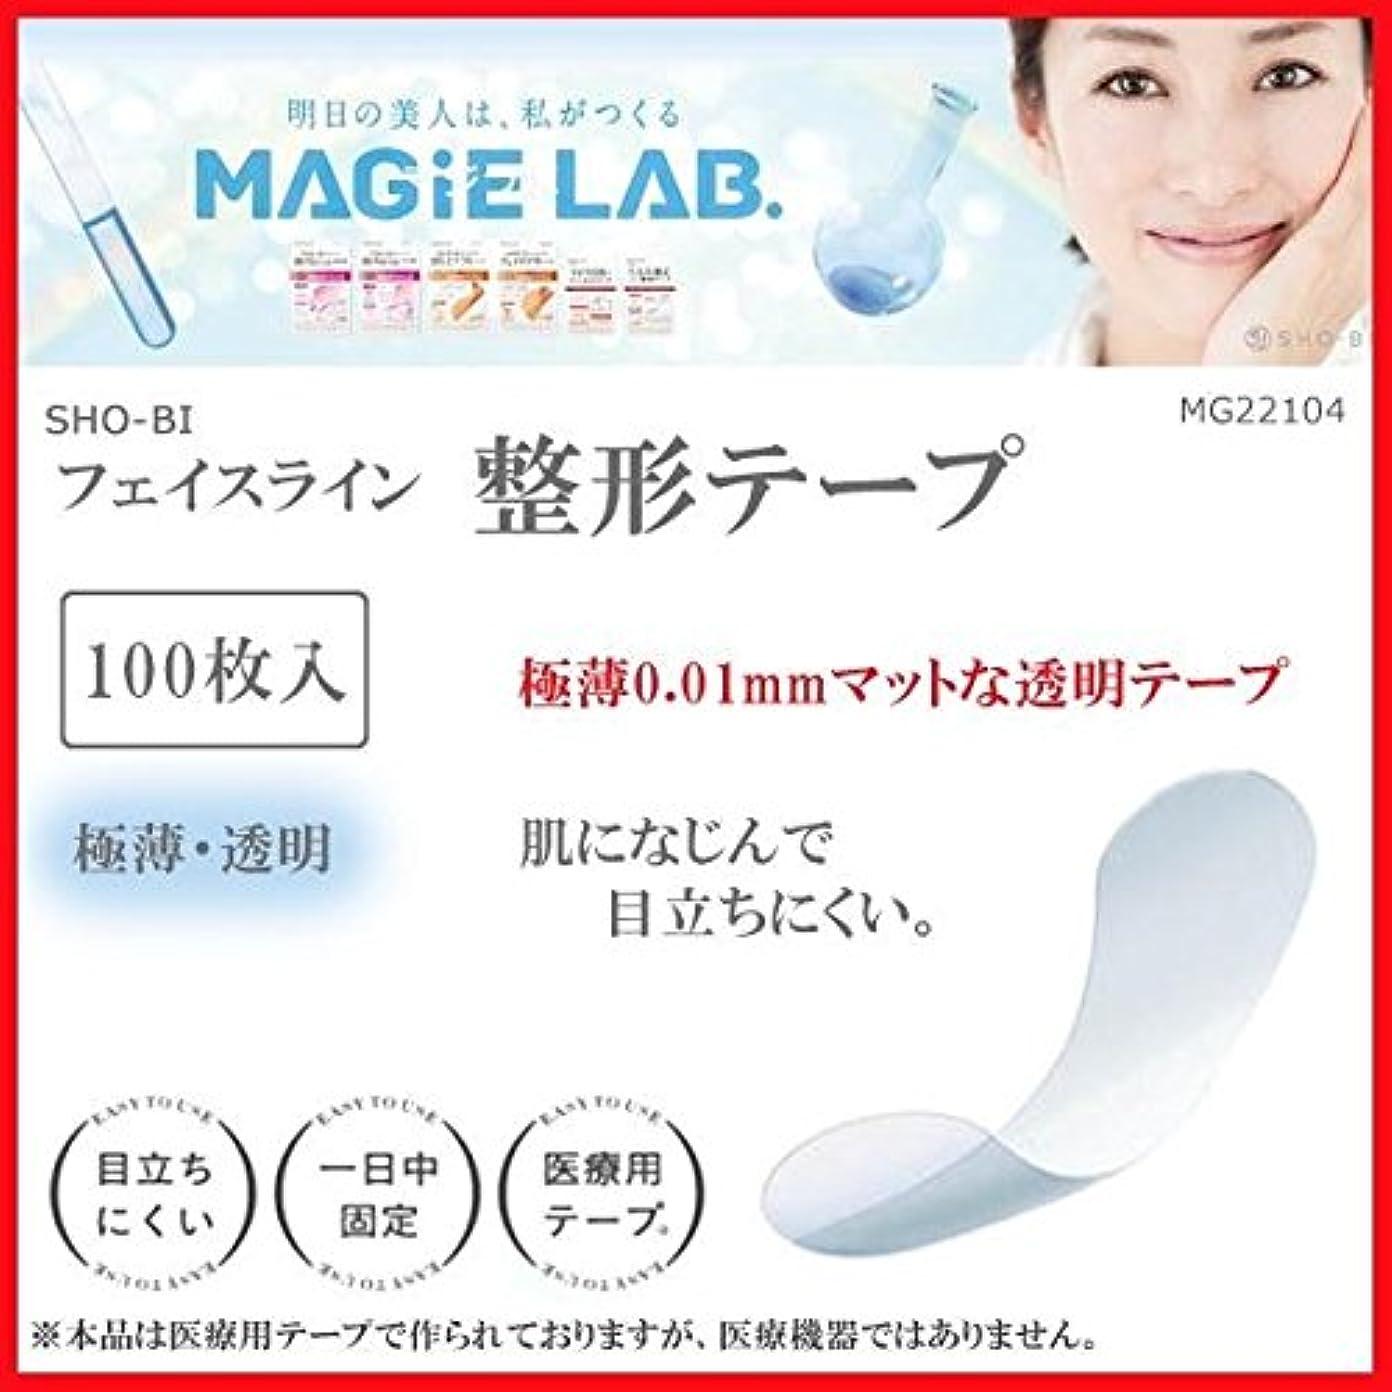 レベル速度難民SHO-BI MAGiE LAB.(マジラボ) フェイスライン整形テープ 100枚入 MG22104